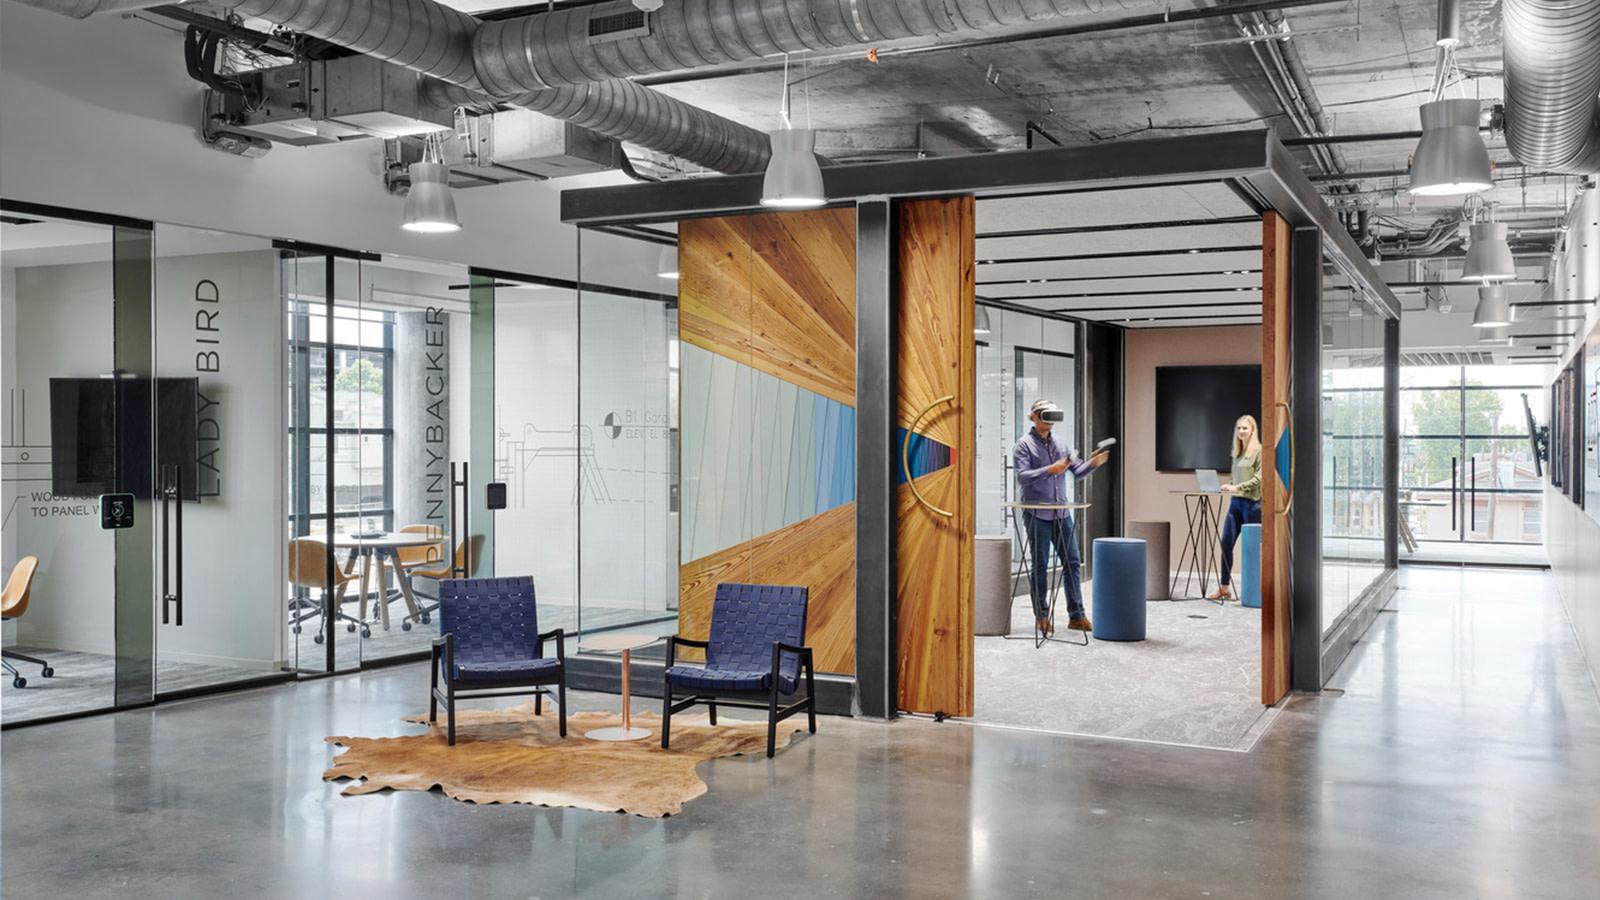 DPR Meeting spaces in Austin